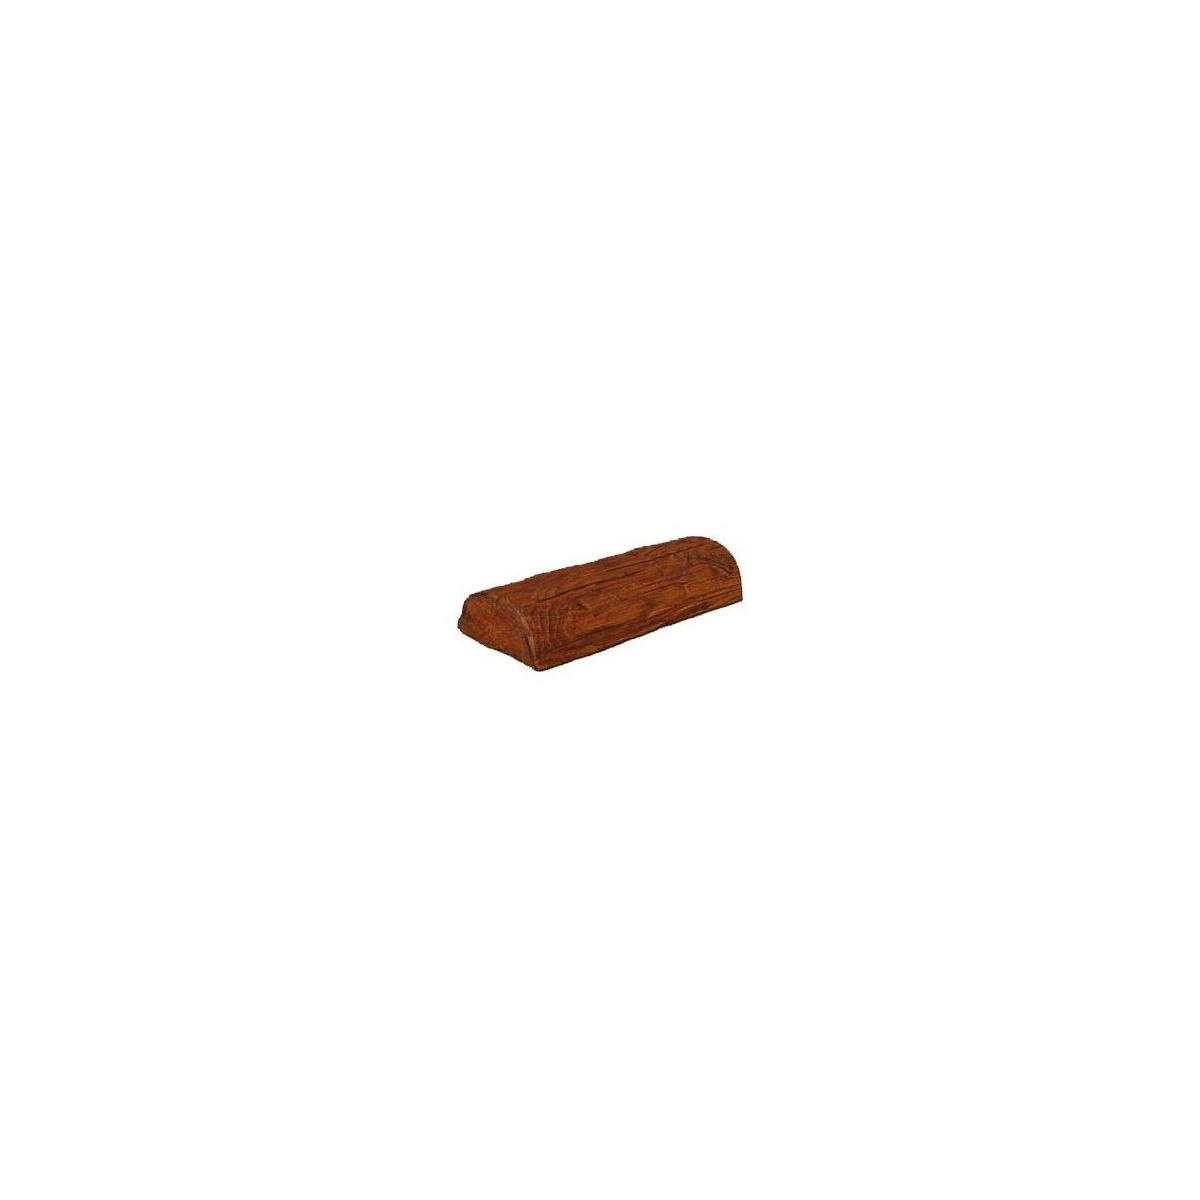 Vigas imitación madera de media caña Grupo Unamacor